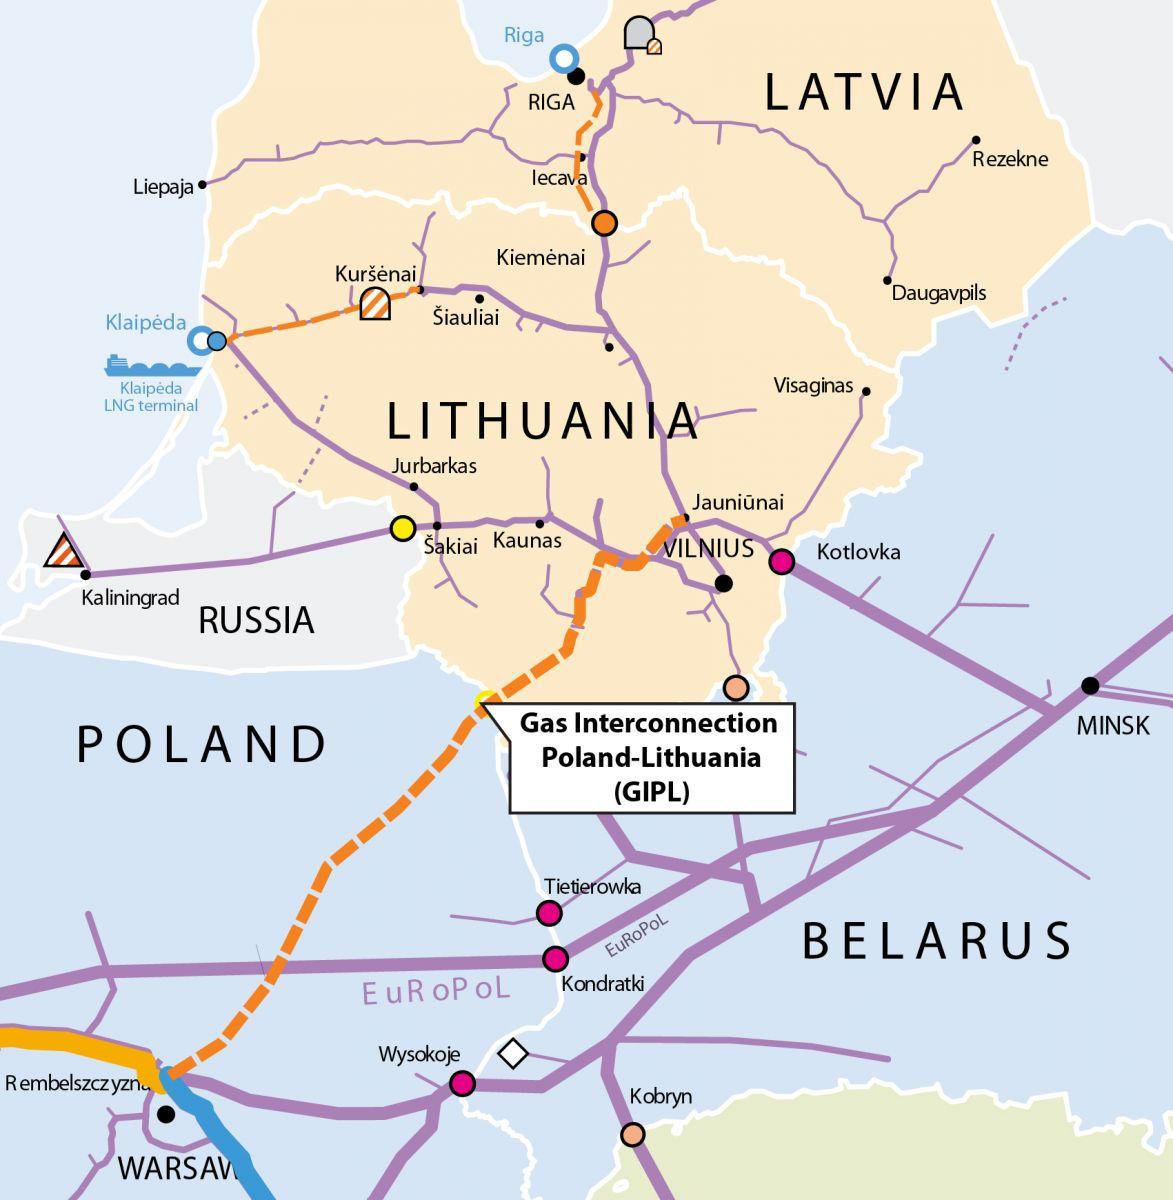 Przebieg gazociągu Polska-Litwa (GIPL)